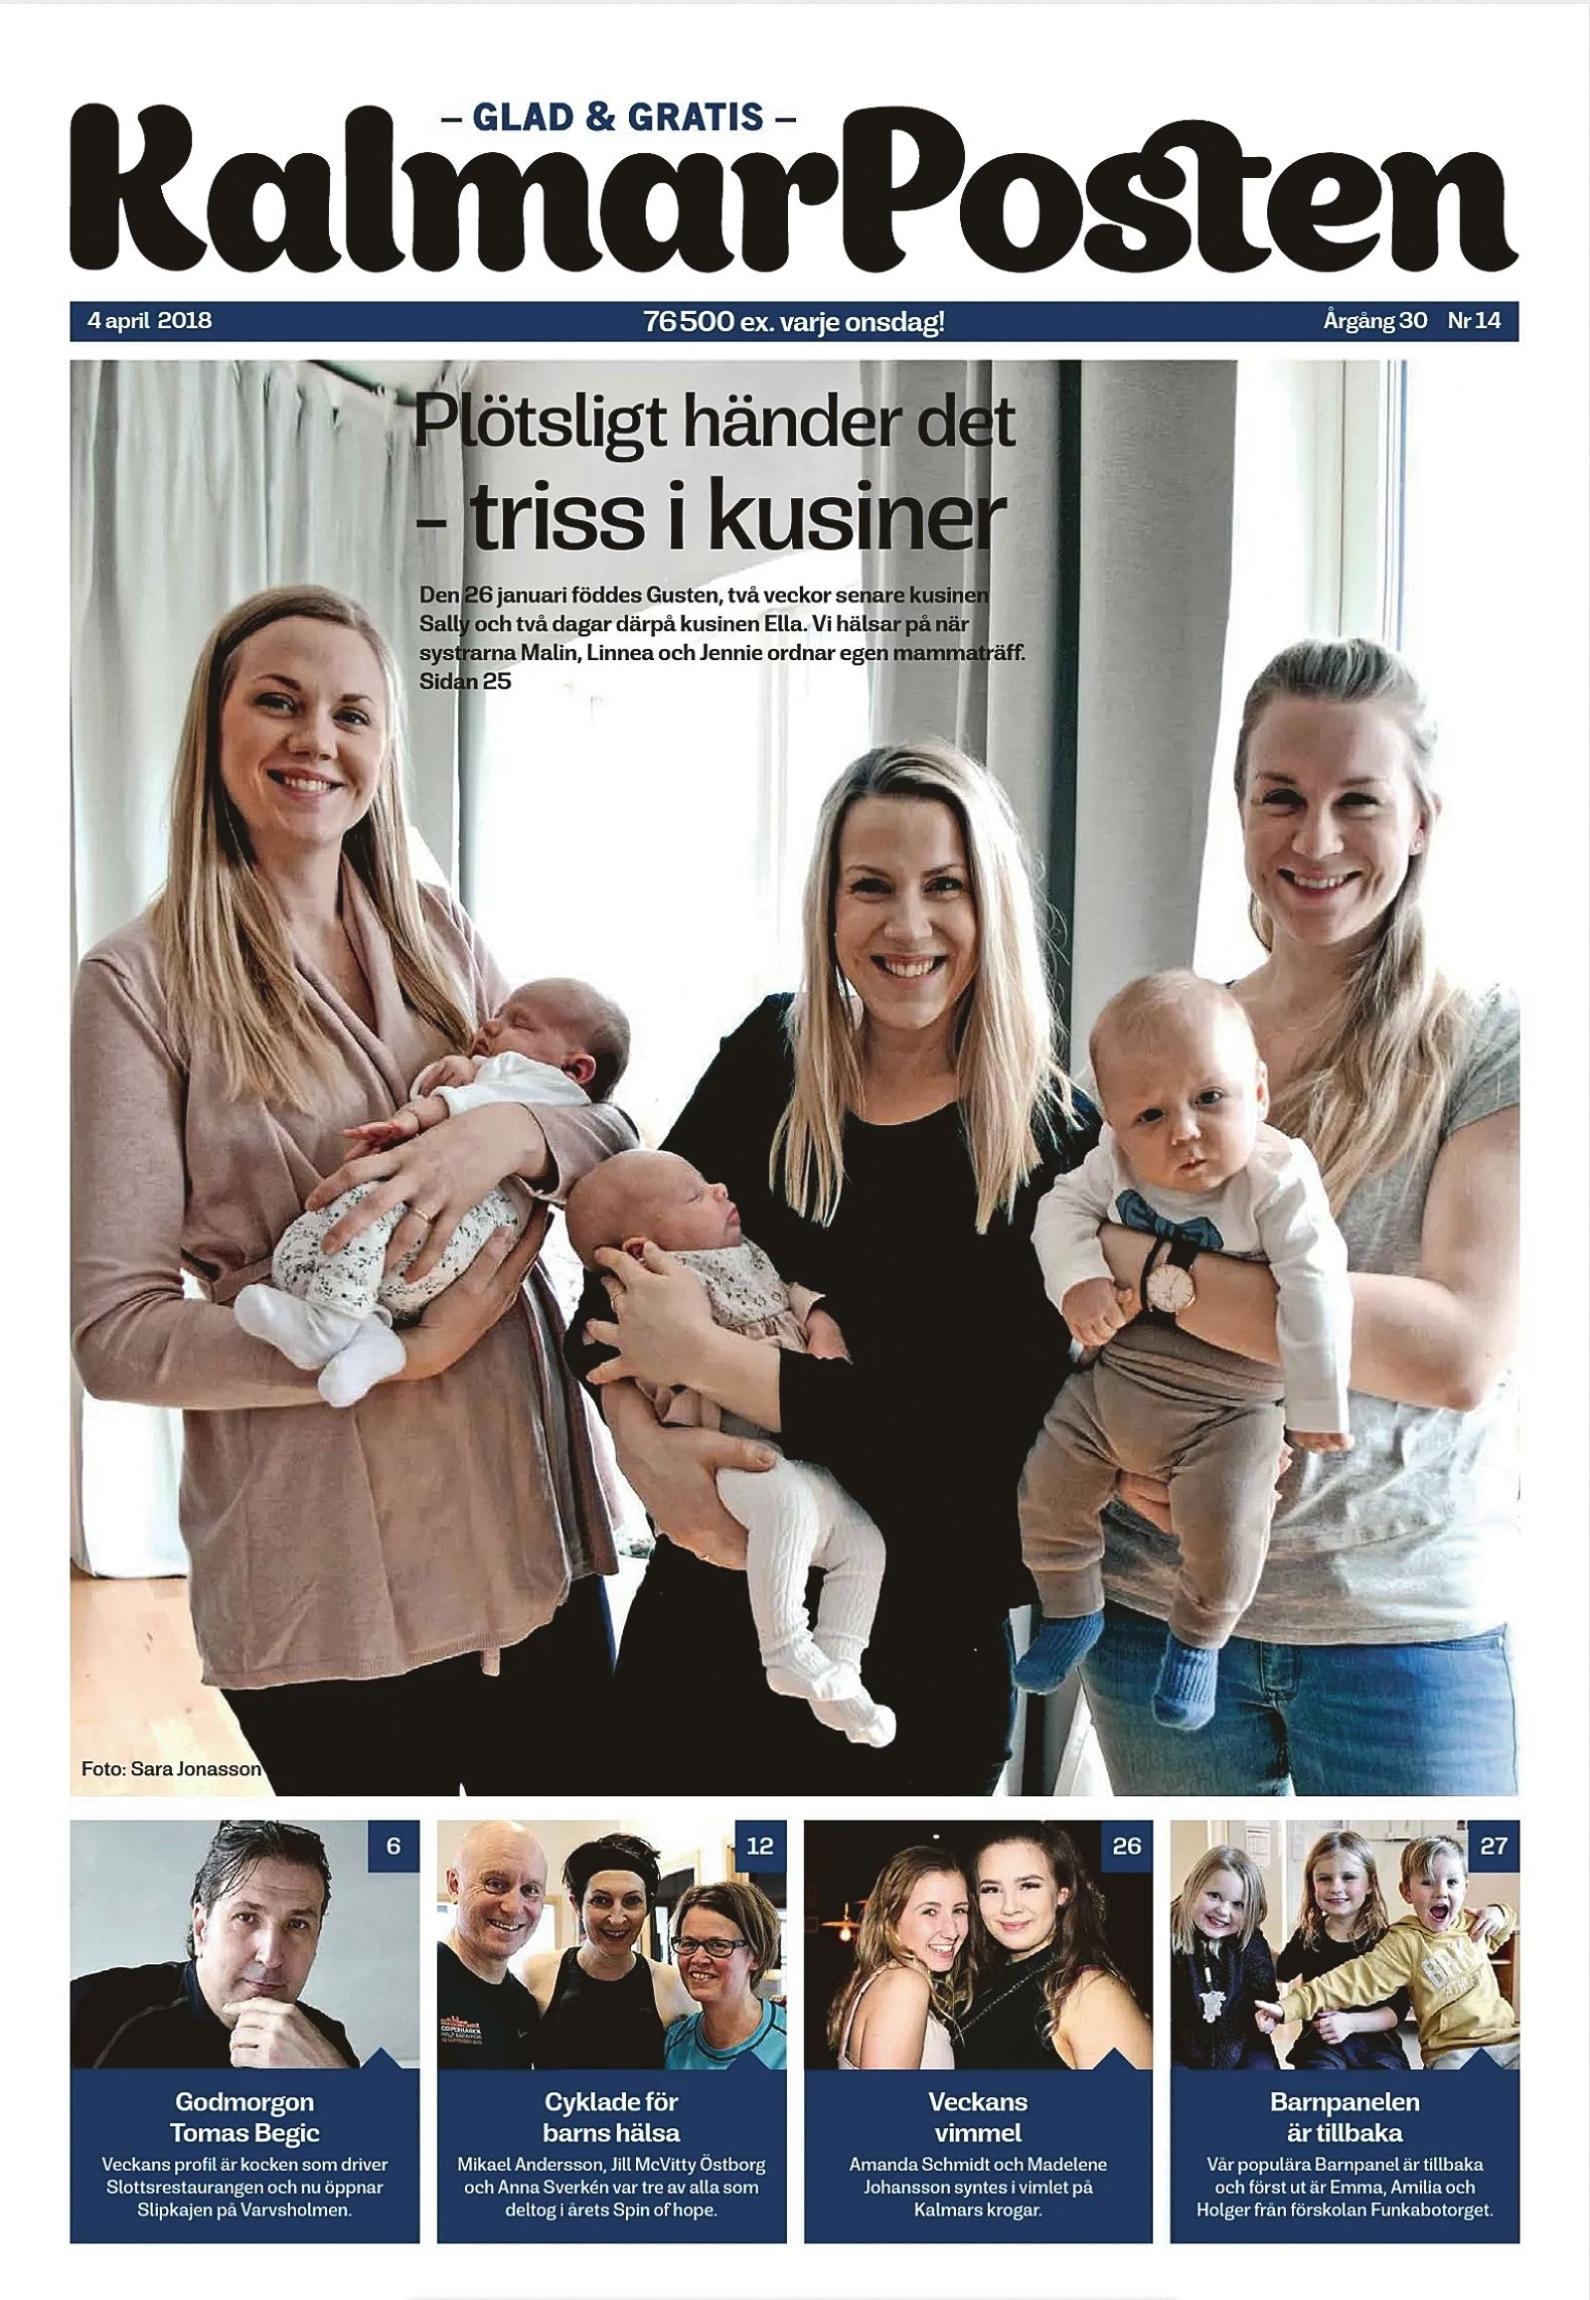 """KalmarPosten den 4 april 2018 med systrarna och kusinerna i en vilsam """"bebisbubbla"""". – Man behövde aldrig känna sig ensam. Vi träffades nästan varje dag och mamma hade semester en dag i veckan och kom och umgicks med oss, inns systrarna Jennie, Linnea och Malin om föräldraledigheten."""